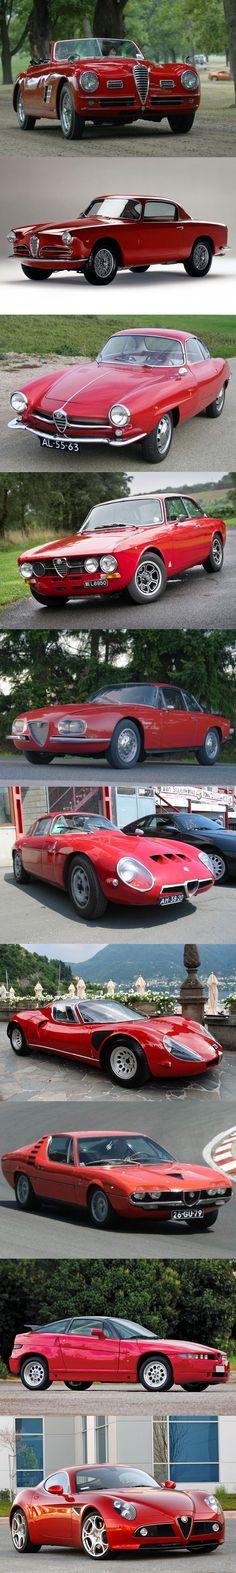 Alfa Romeo - supercar / 1949 6C 2500 / 1950 1900 Sprint / 1959 Giulietta SS / 1960 2000 Sprint / 1961 2600 Sprint Zagato / 1963 Giulia TZ / 1967 33 Stradale / 1970 Montreal / 1989 SZ / 2007 8C Competizione / red / Italy / #list #alfaromeogiulietta